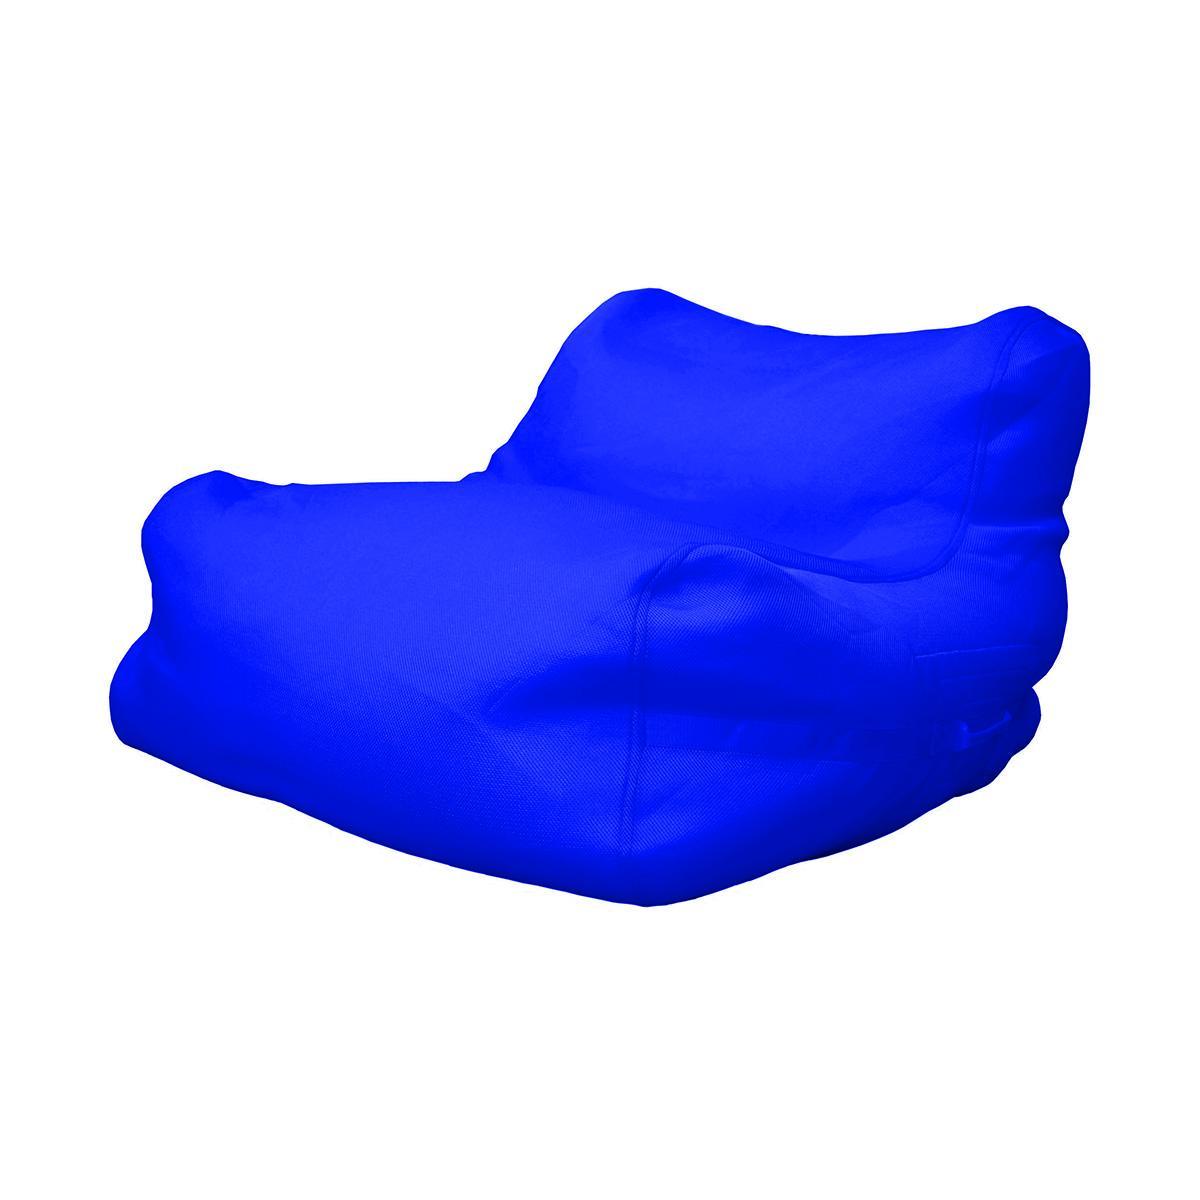 Poltrona a sacco da esterno in tessuto tecnico impermeabile colore blu